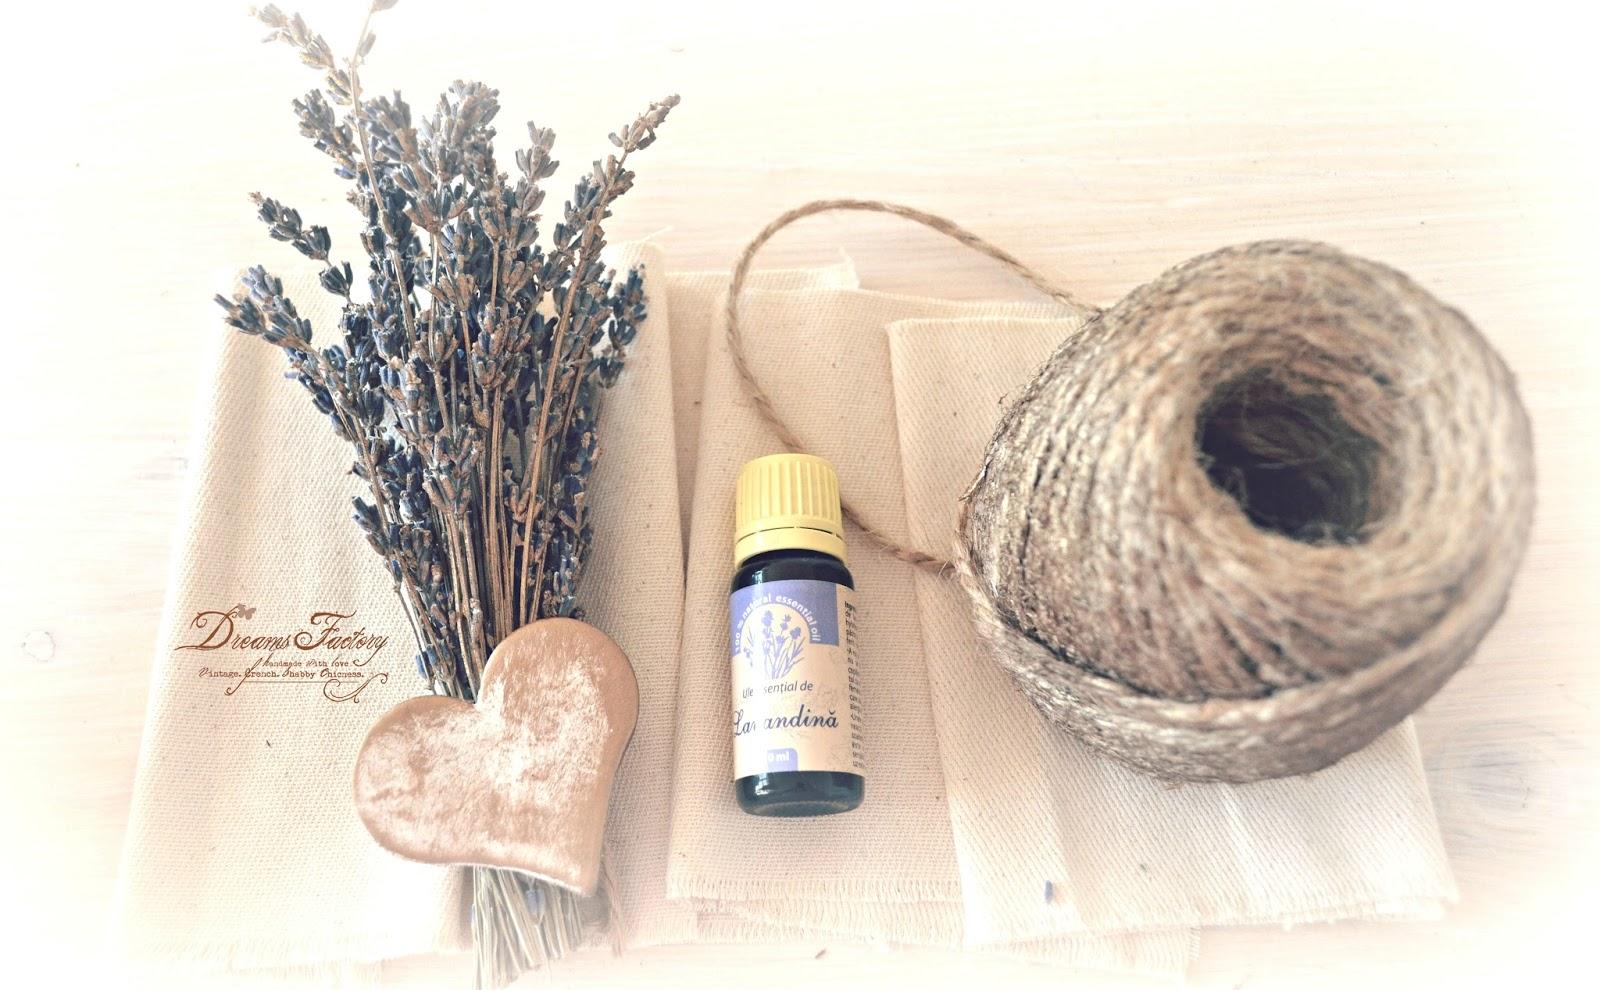 Lavender essential oils potpourri ♦ Potpourri cu uleiuri esentiale de lavanda